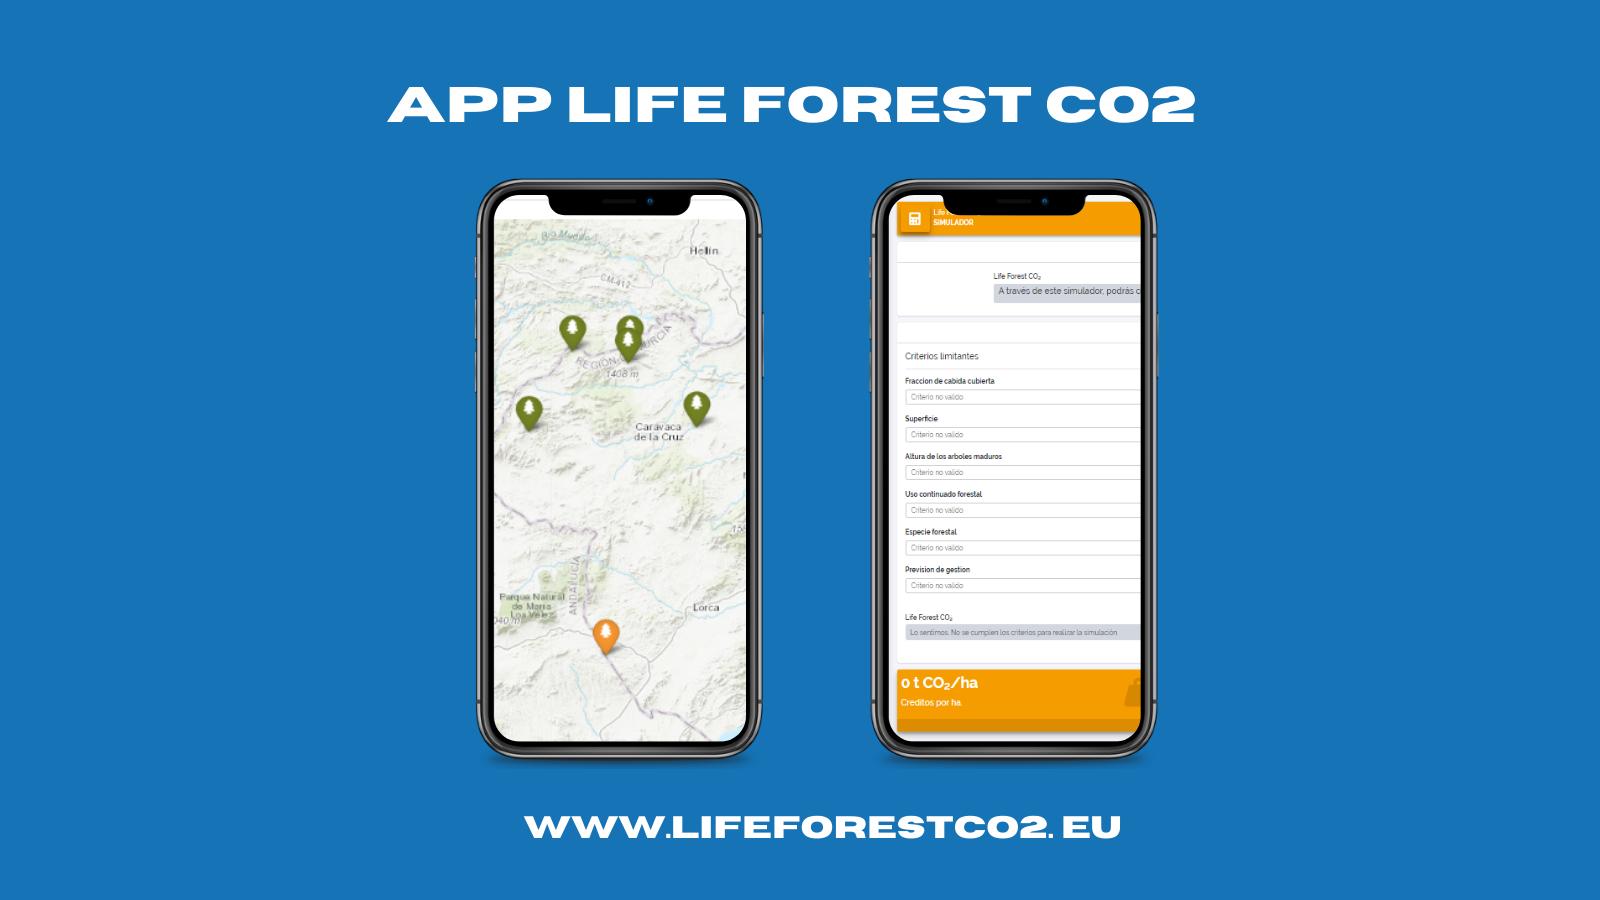 DESCUBRE LA APP LIFE FOREST CO2